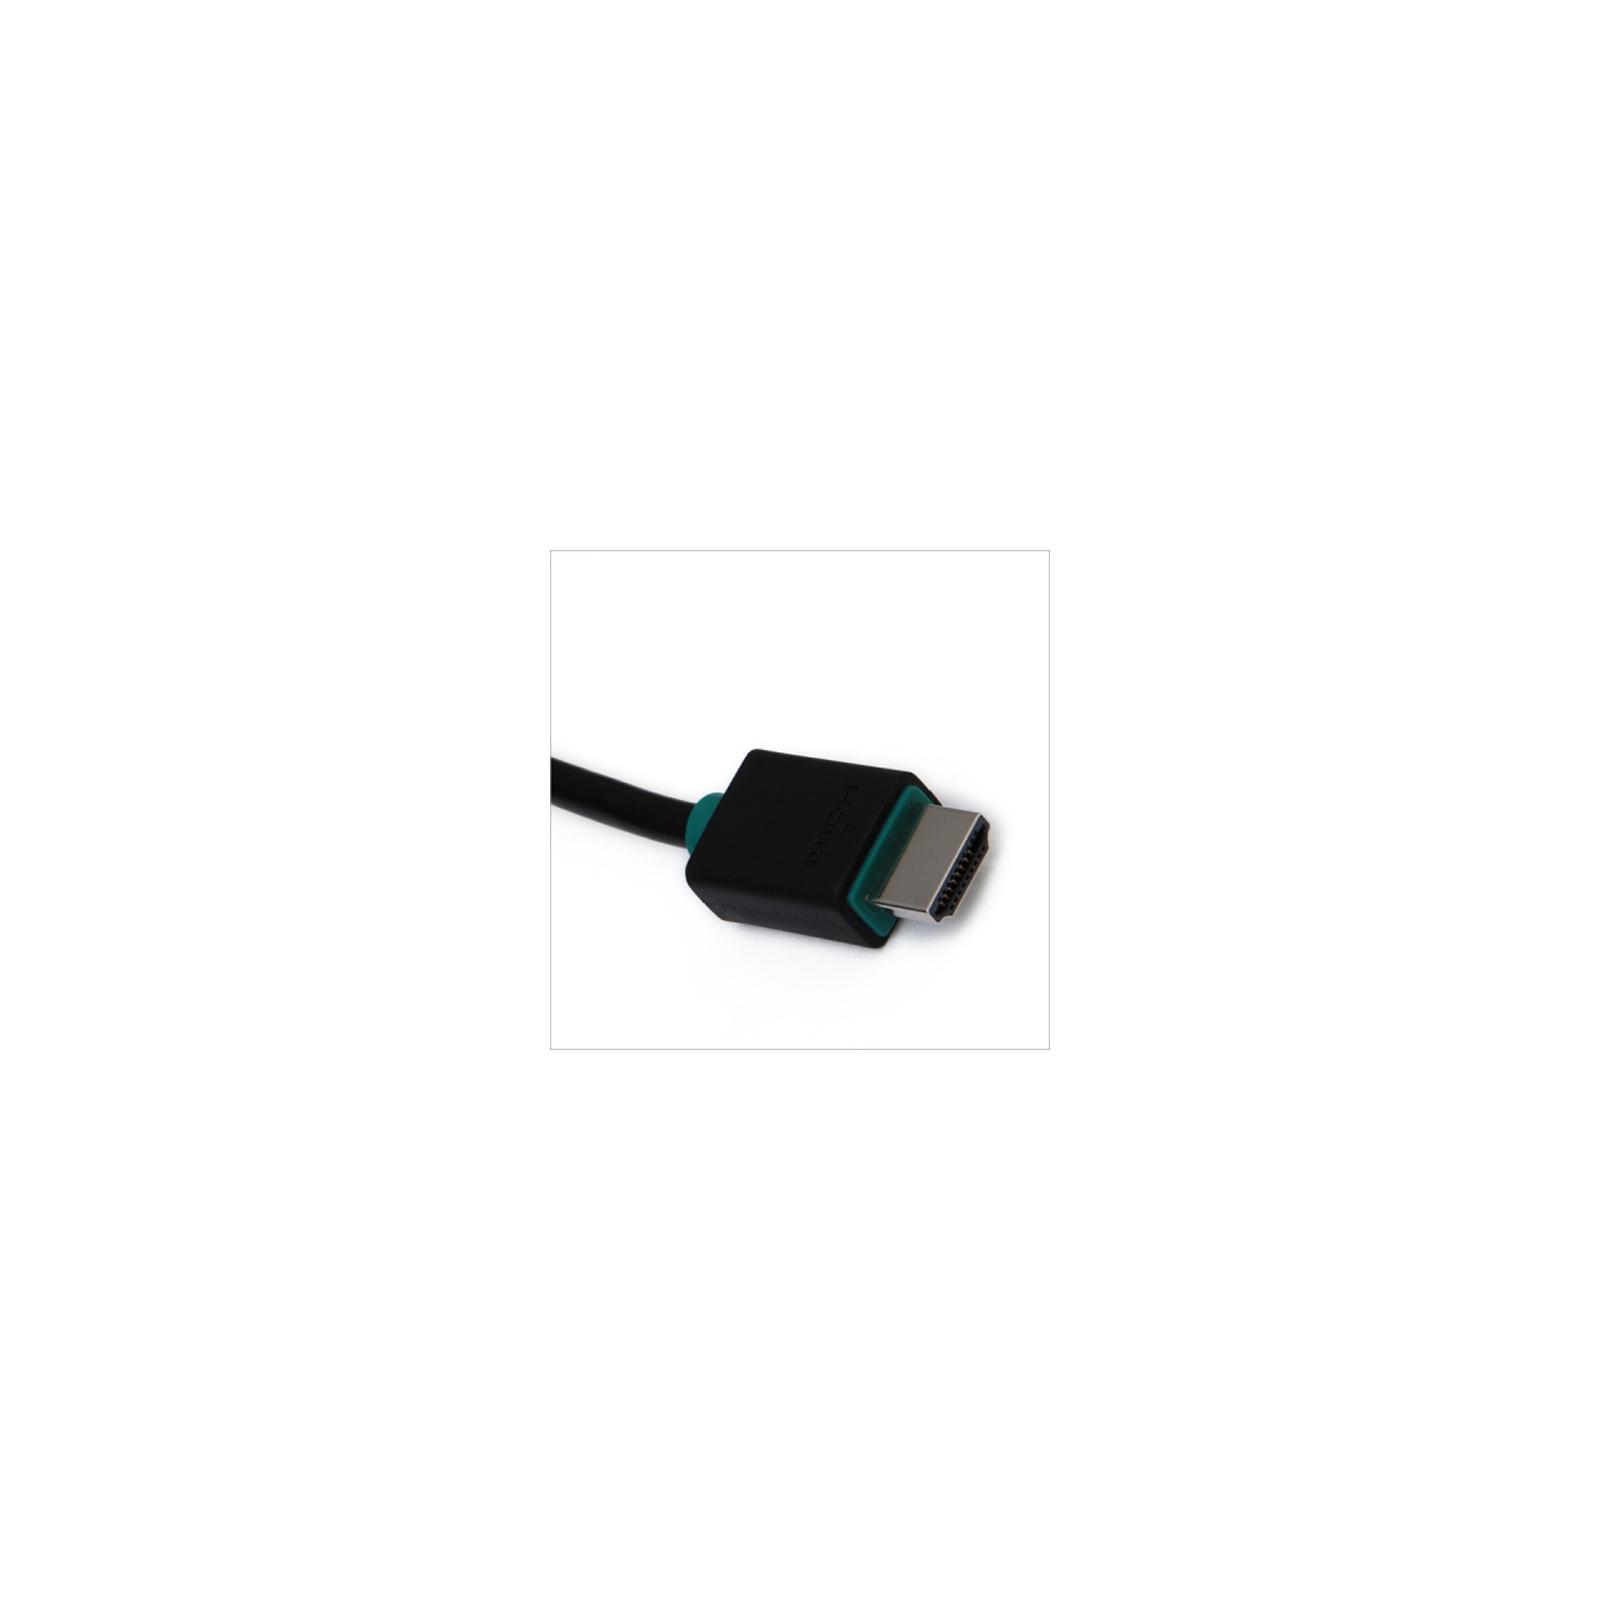 Кабель мультимедийный HDMI to HDMI 5.0m Prolink (PB348-0500) изображение 4